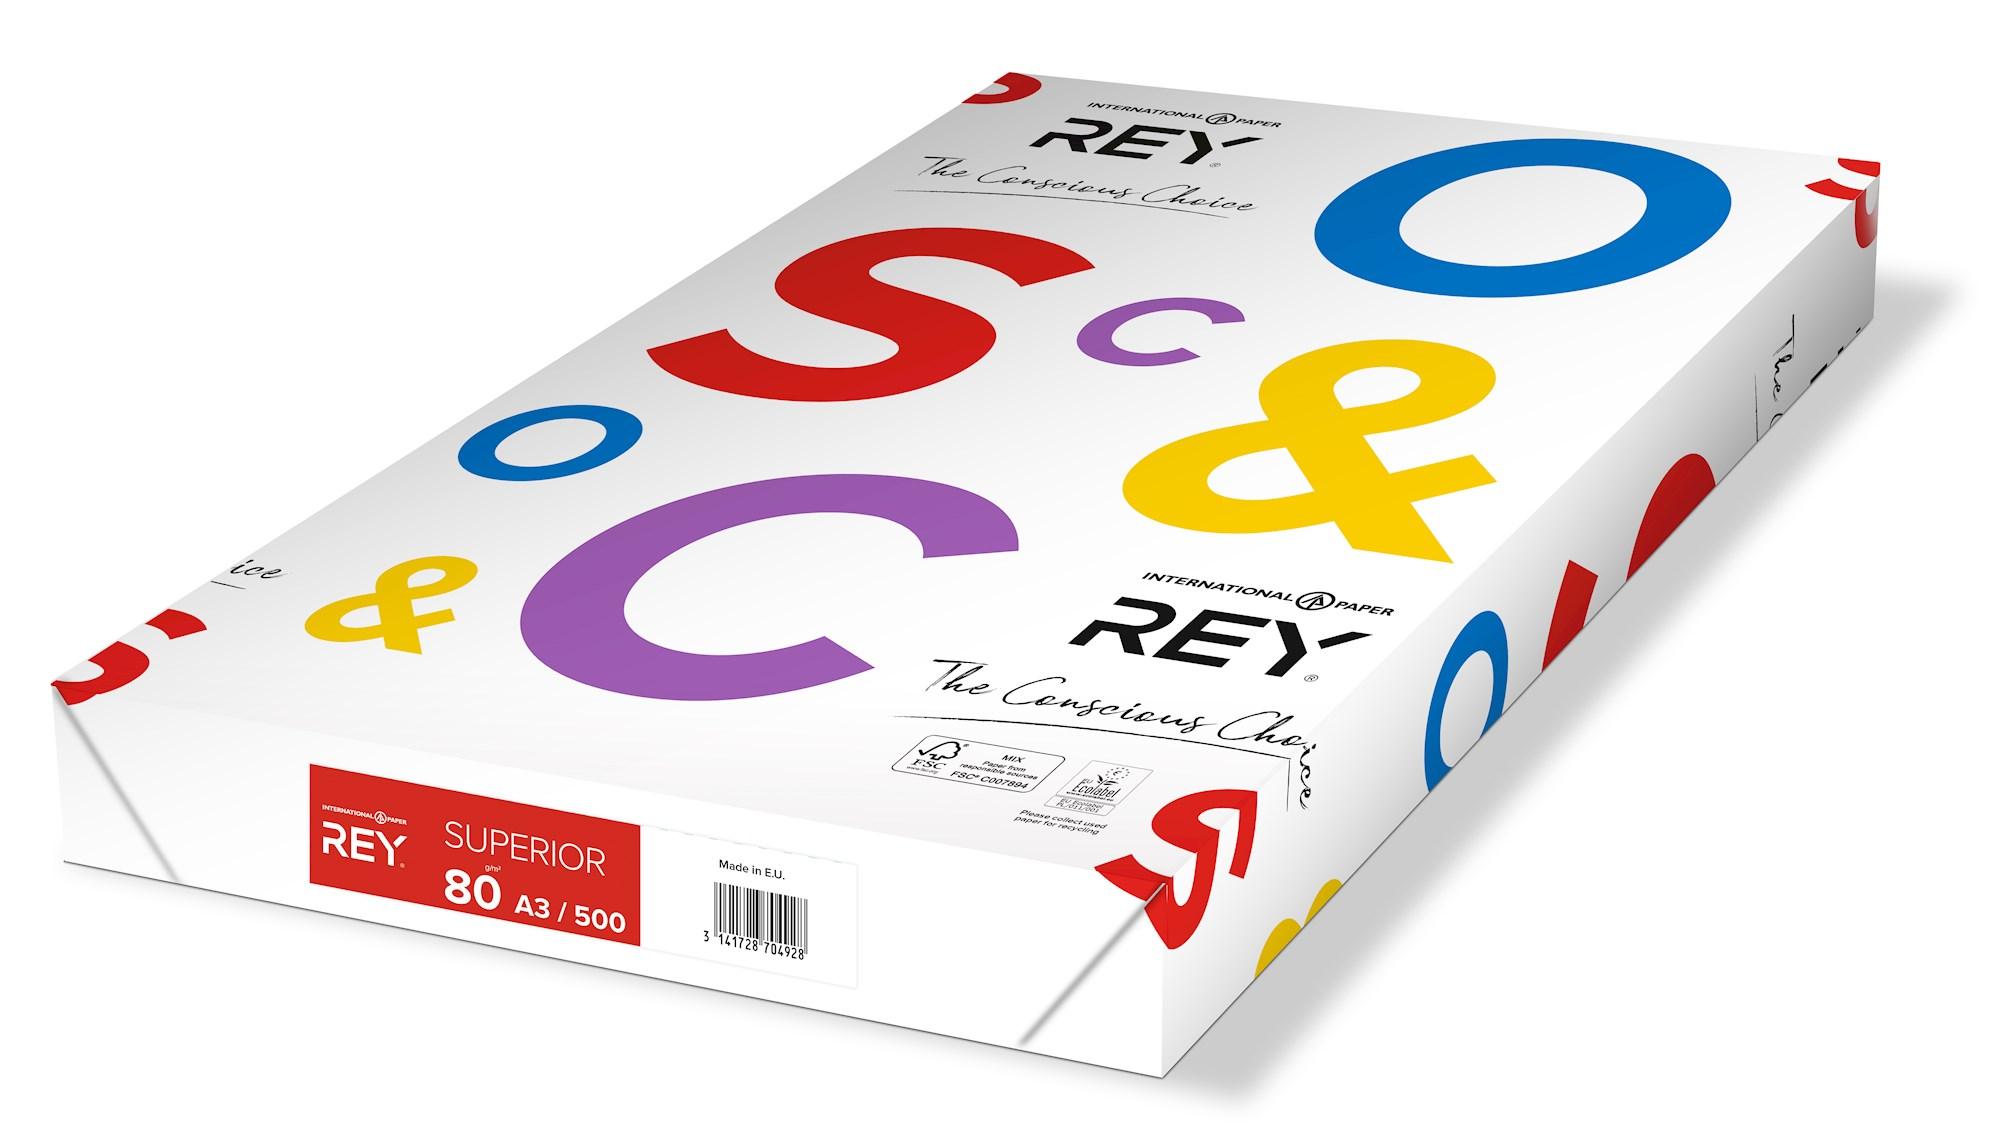 Papīrs REY SUPERIOR A3 80g/m2, 500 loksnes/iepakojumā